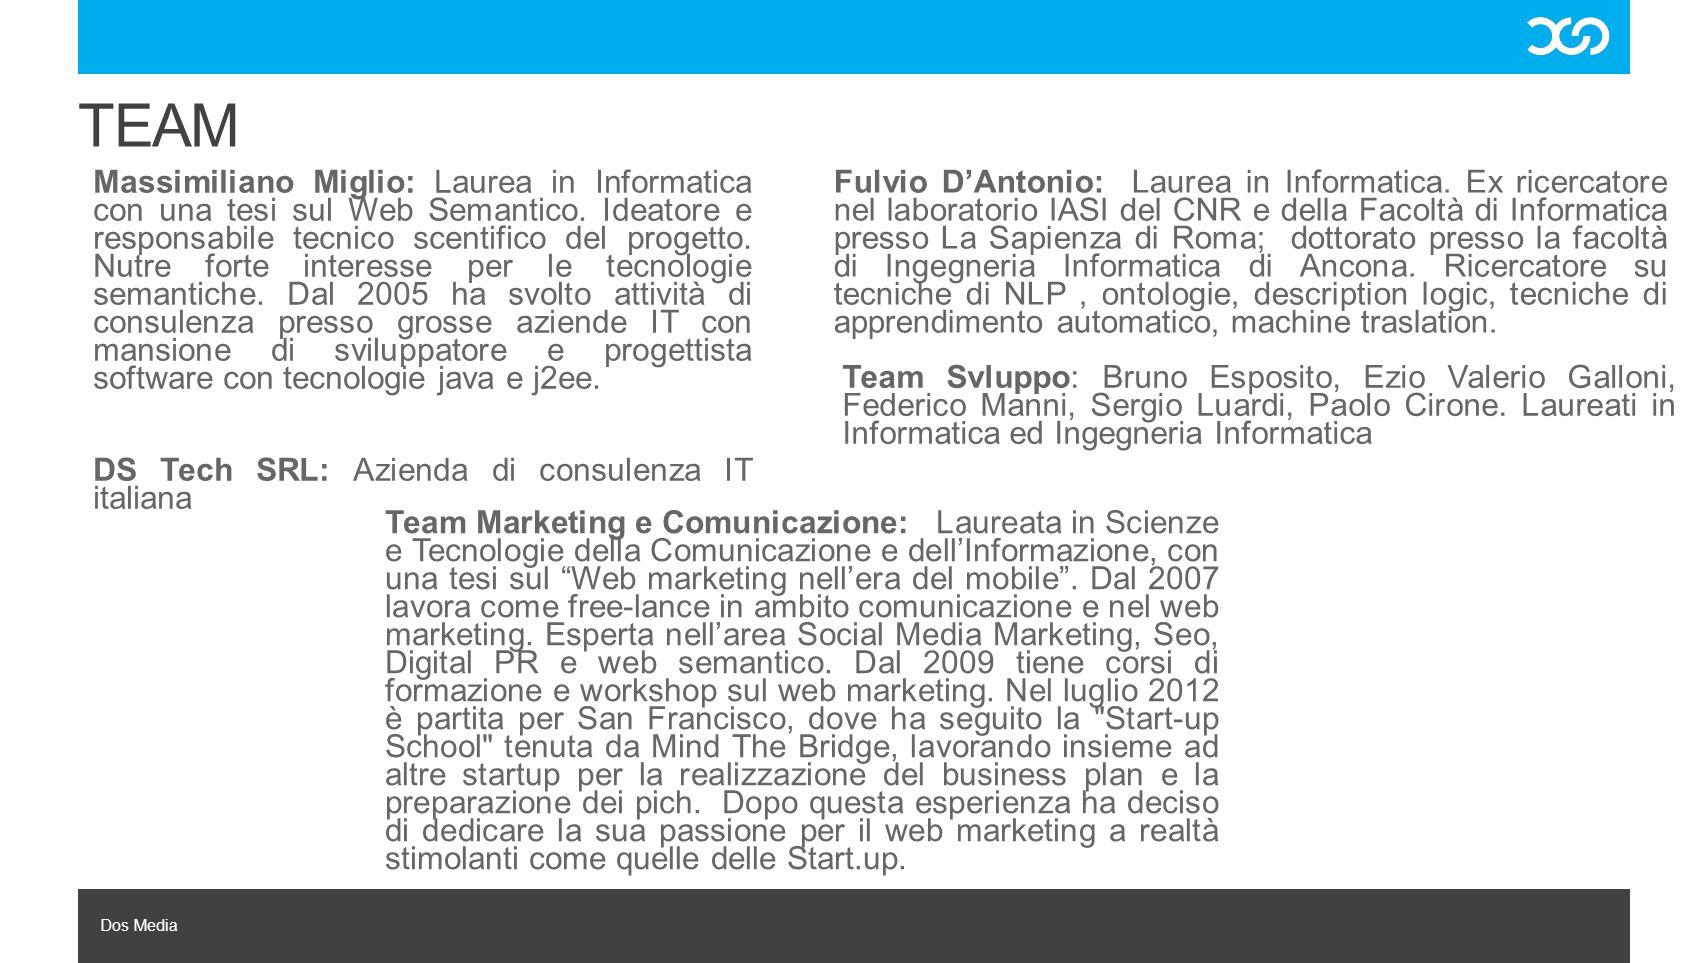 Dos Media TEAM Massimiliano Miglio: Laurea in Informatica con una tesi sul Web Semantico. Ideatore e responsabile tecnico scentifico del progetto. Nut